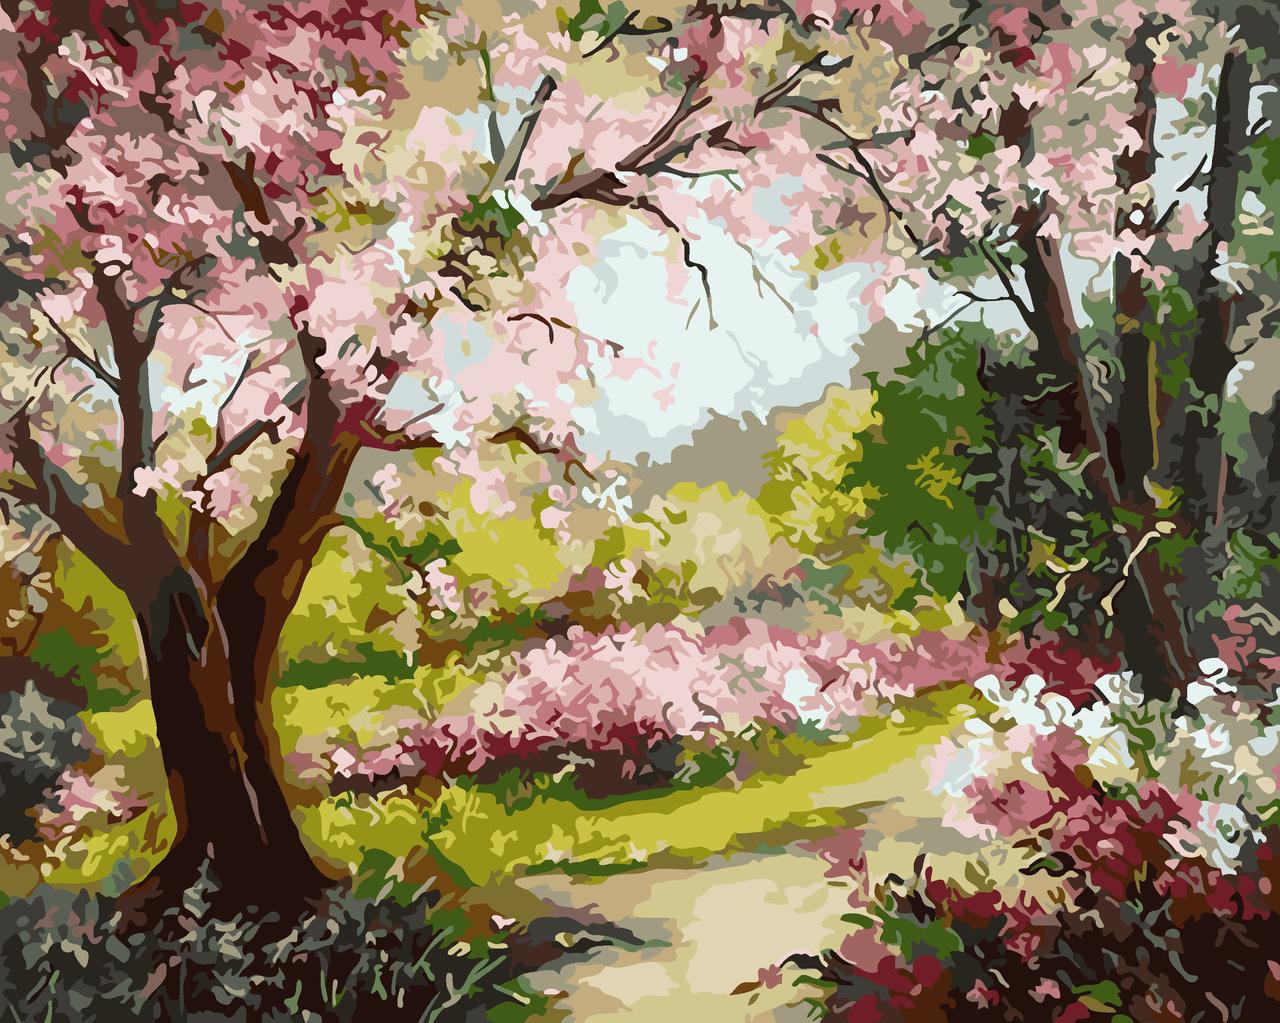 Картина по номерам Весенний сад, 40x50 см., Art Story